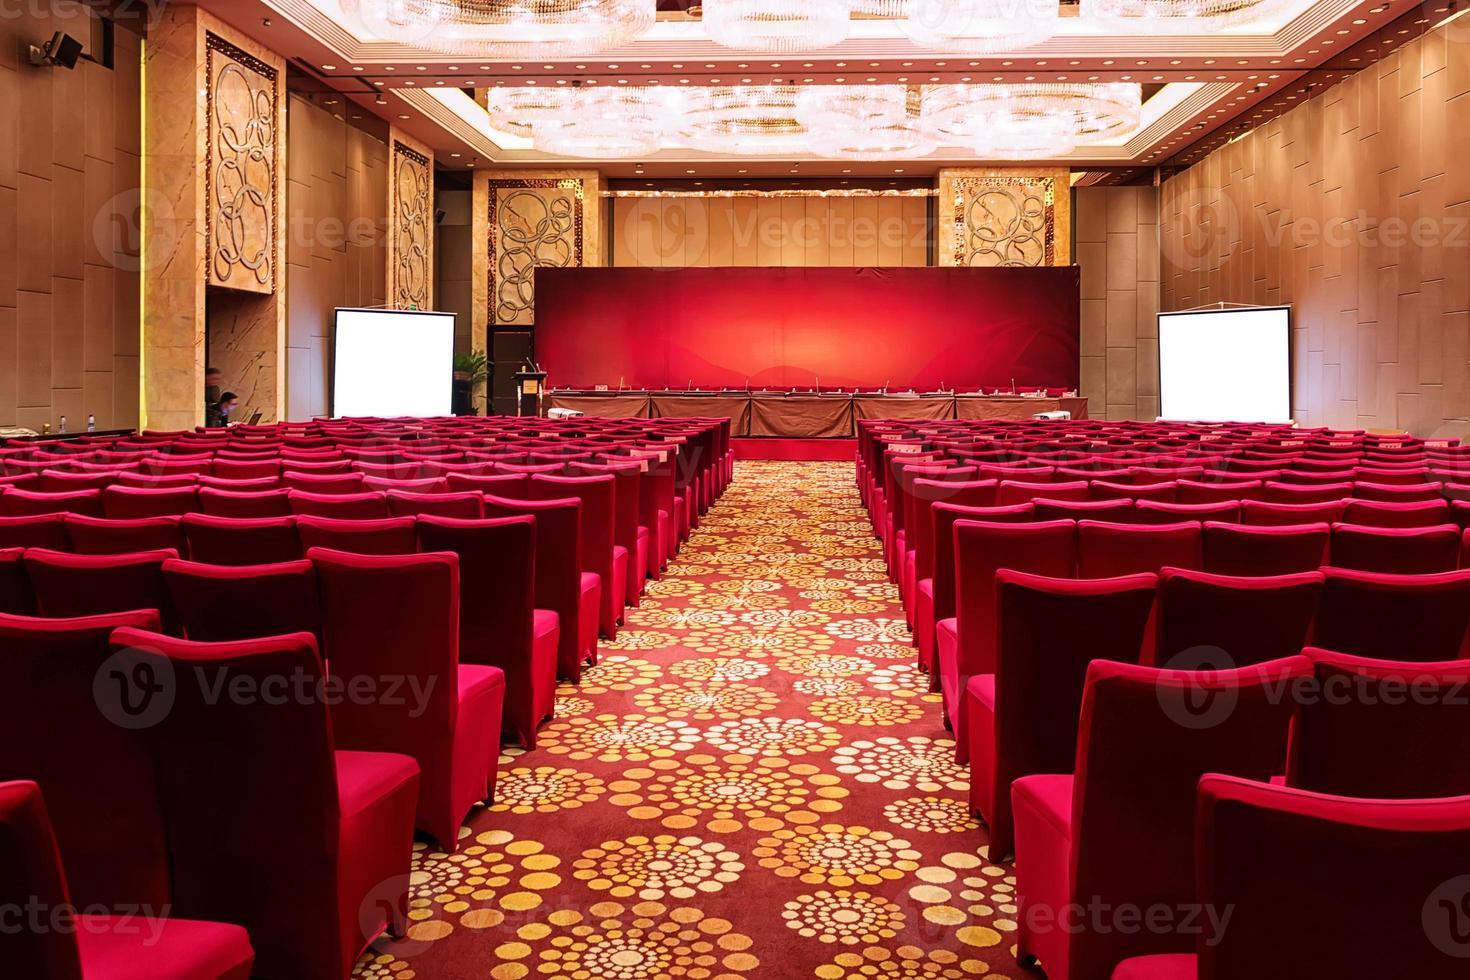 Innenraum und Stühle des Konferenzsaals. foto